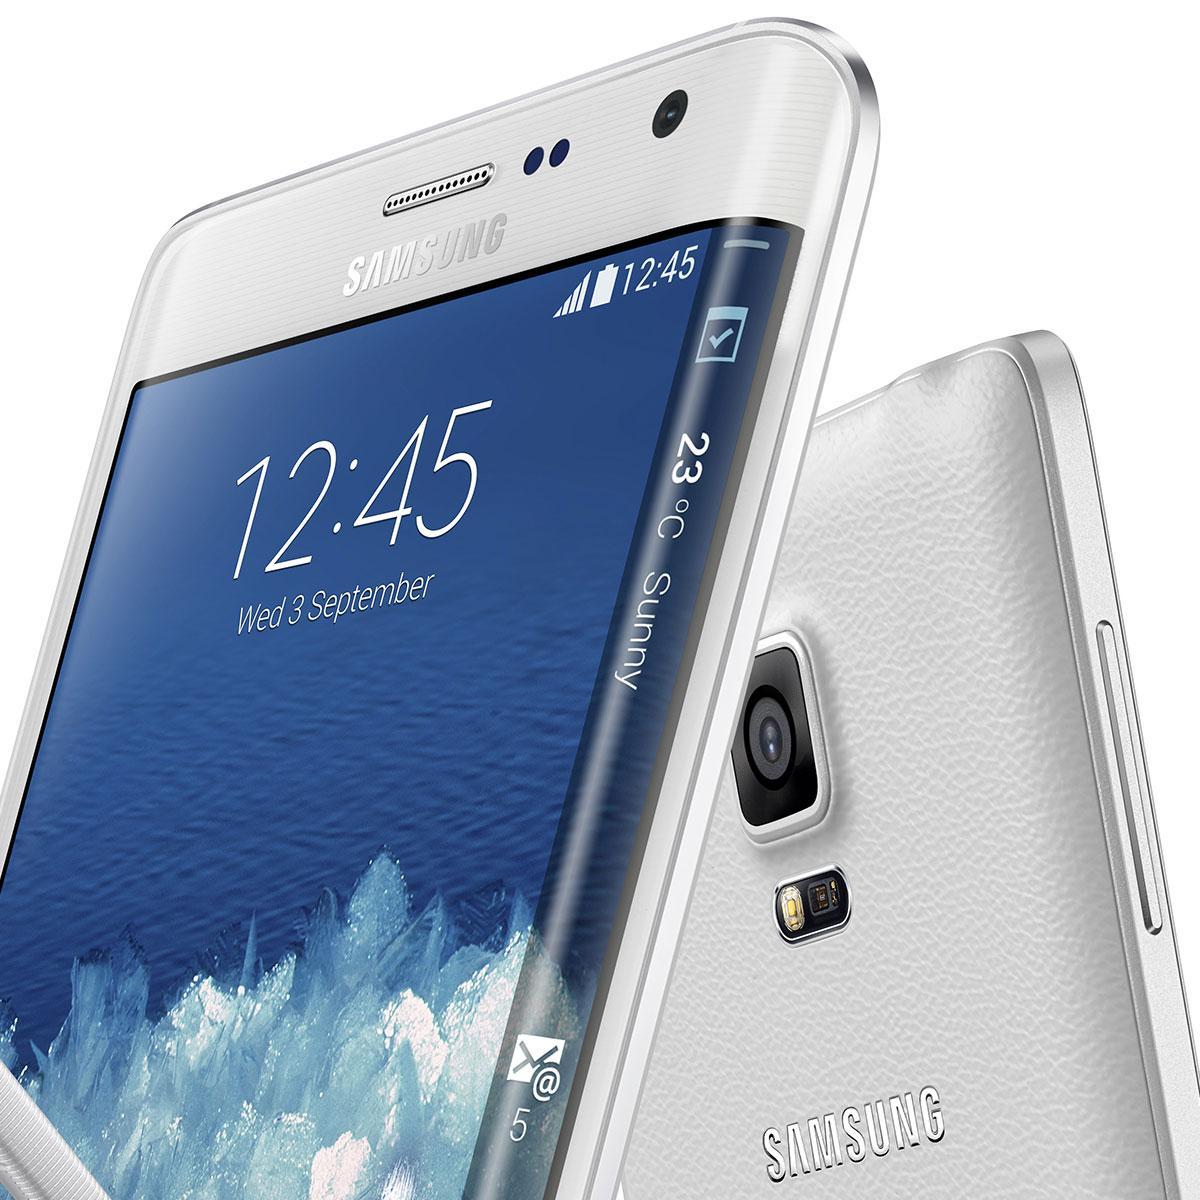 Detalles de la pantalla curvada y cámara trasera del Samsung Galaxy Note Edge